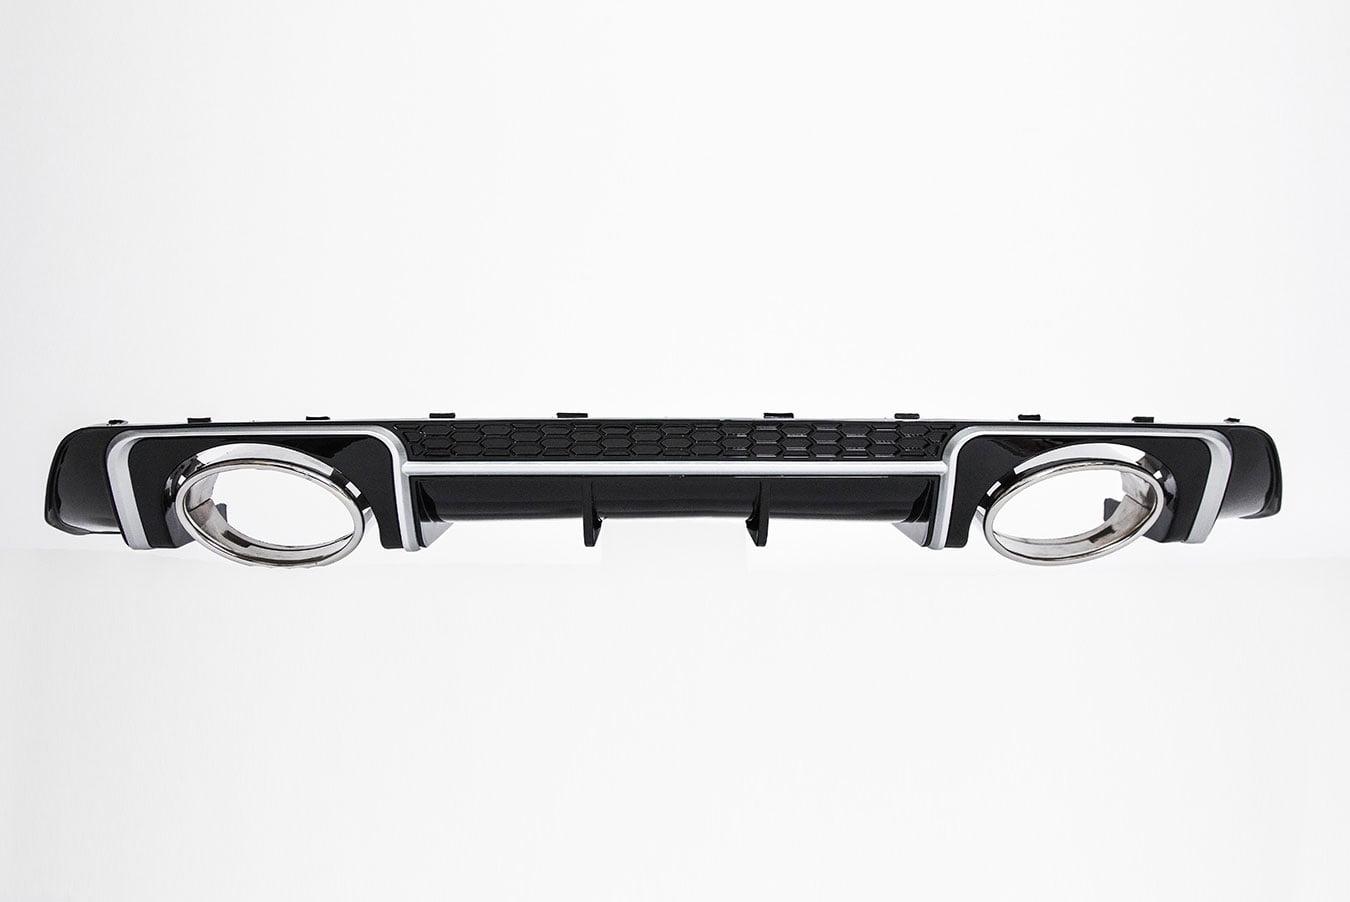 BKM Rear Diffuser (RS Style - Glossy Black), fits Audi TT/TTS Mk3